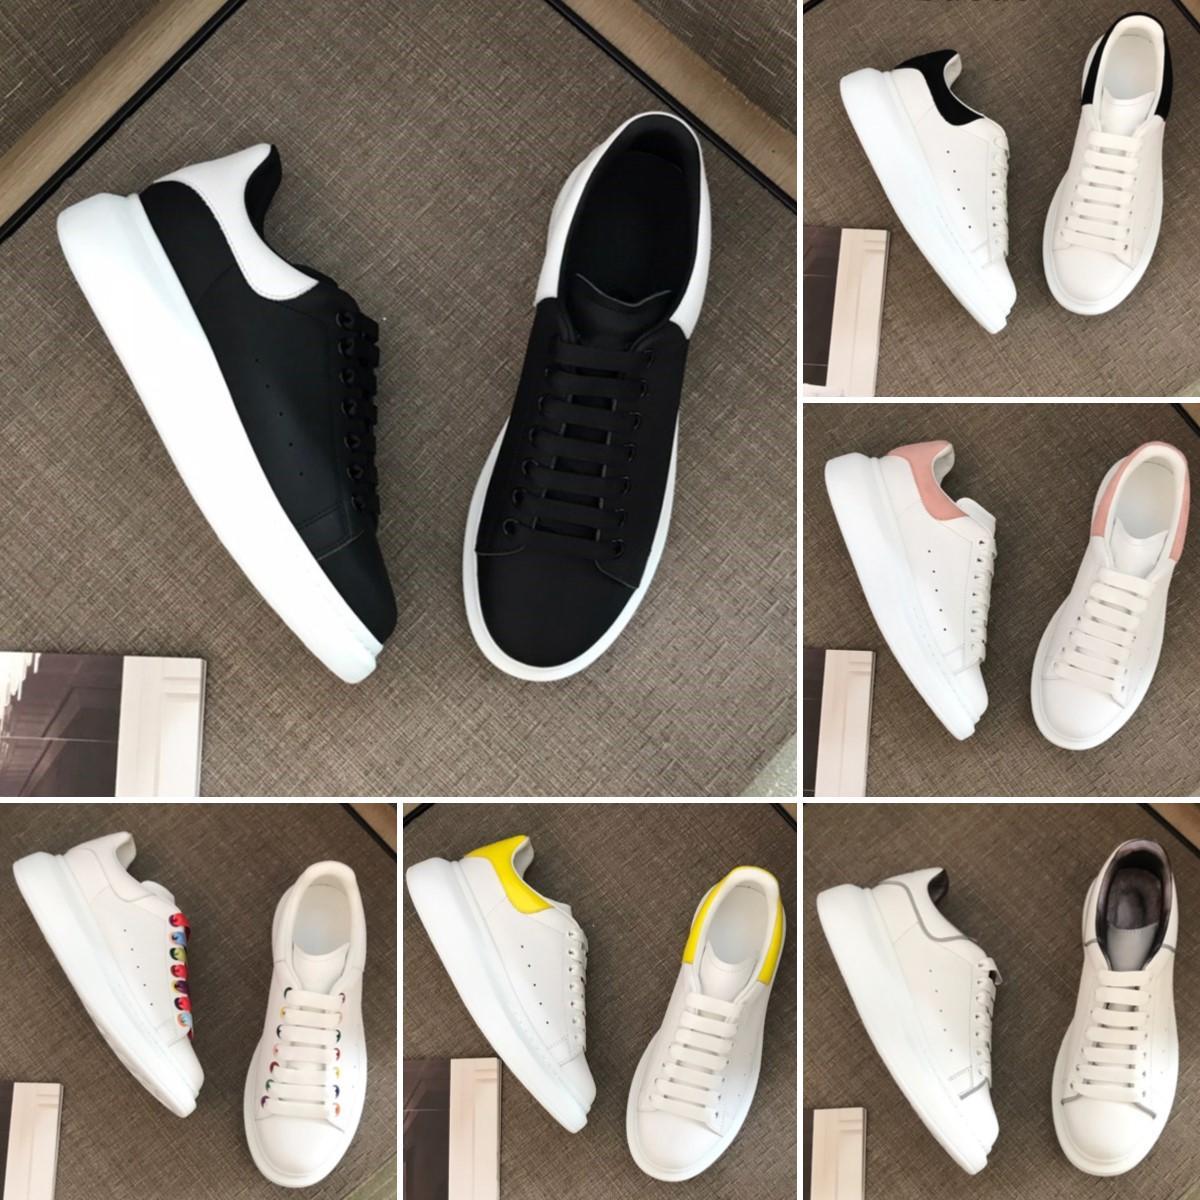 최고 품질의 가죽 흰색 신발 디자인 남성 여성 여성 스웨이드 벨벳 플랫폼 대형 단독 스 니 커 즈 레이스 최대 망 ESPADRILLES 플랫 캐주얼 구두 상자 및 로고 36-45